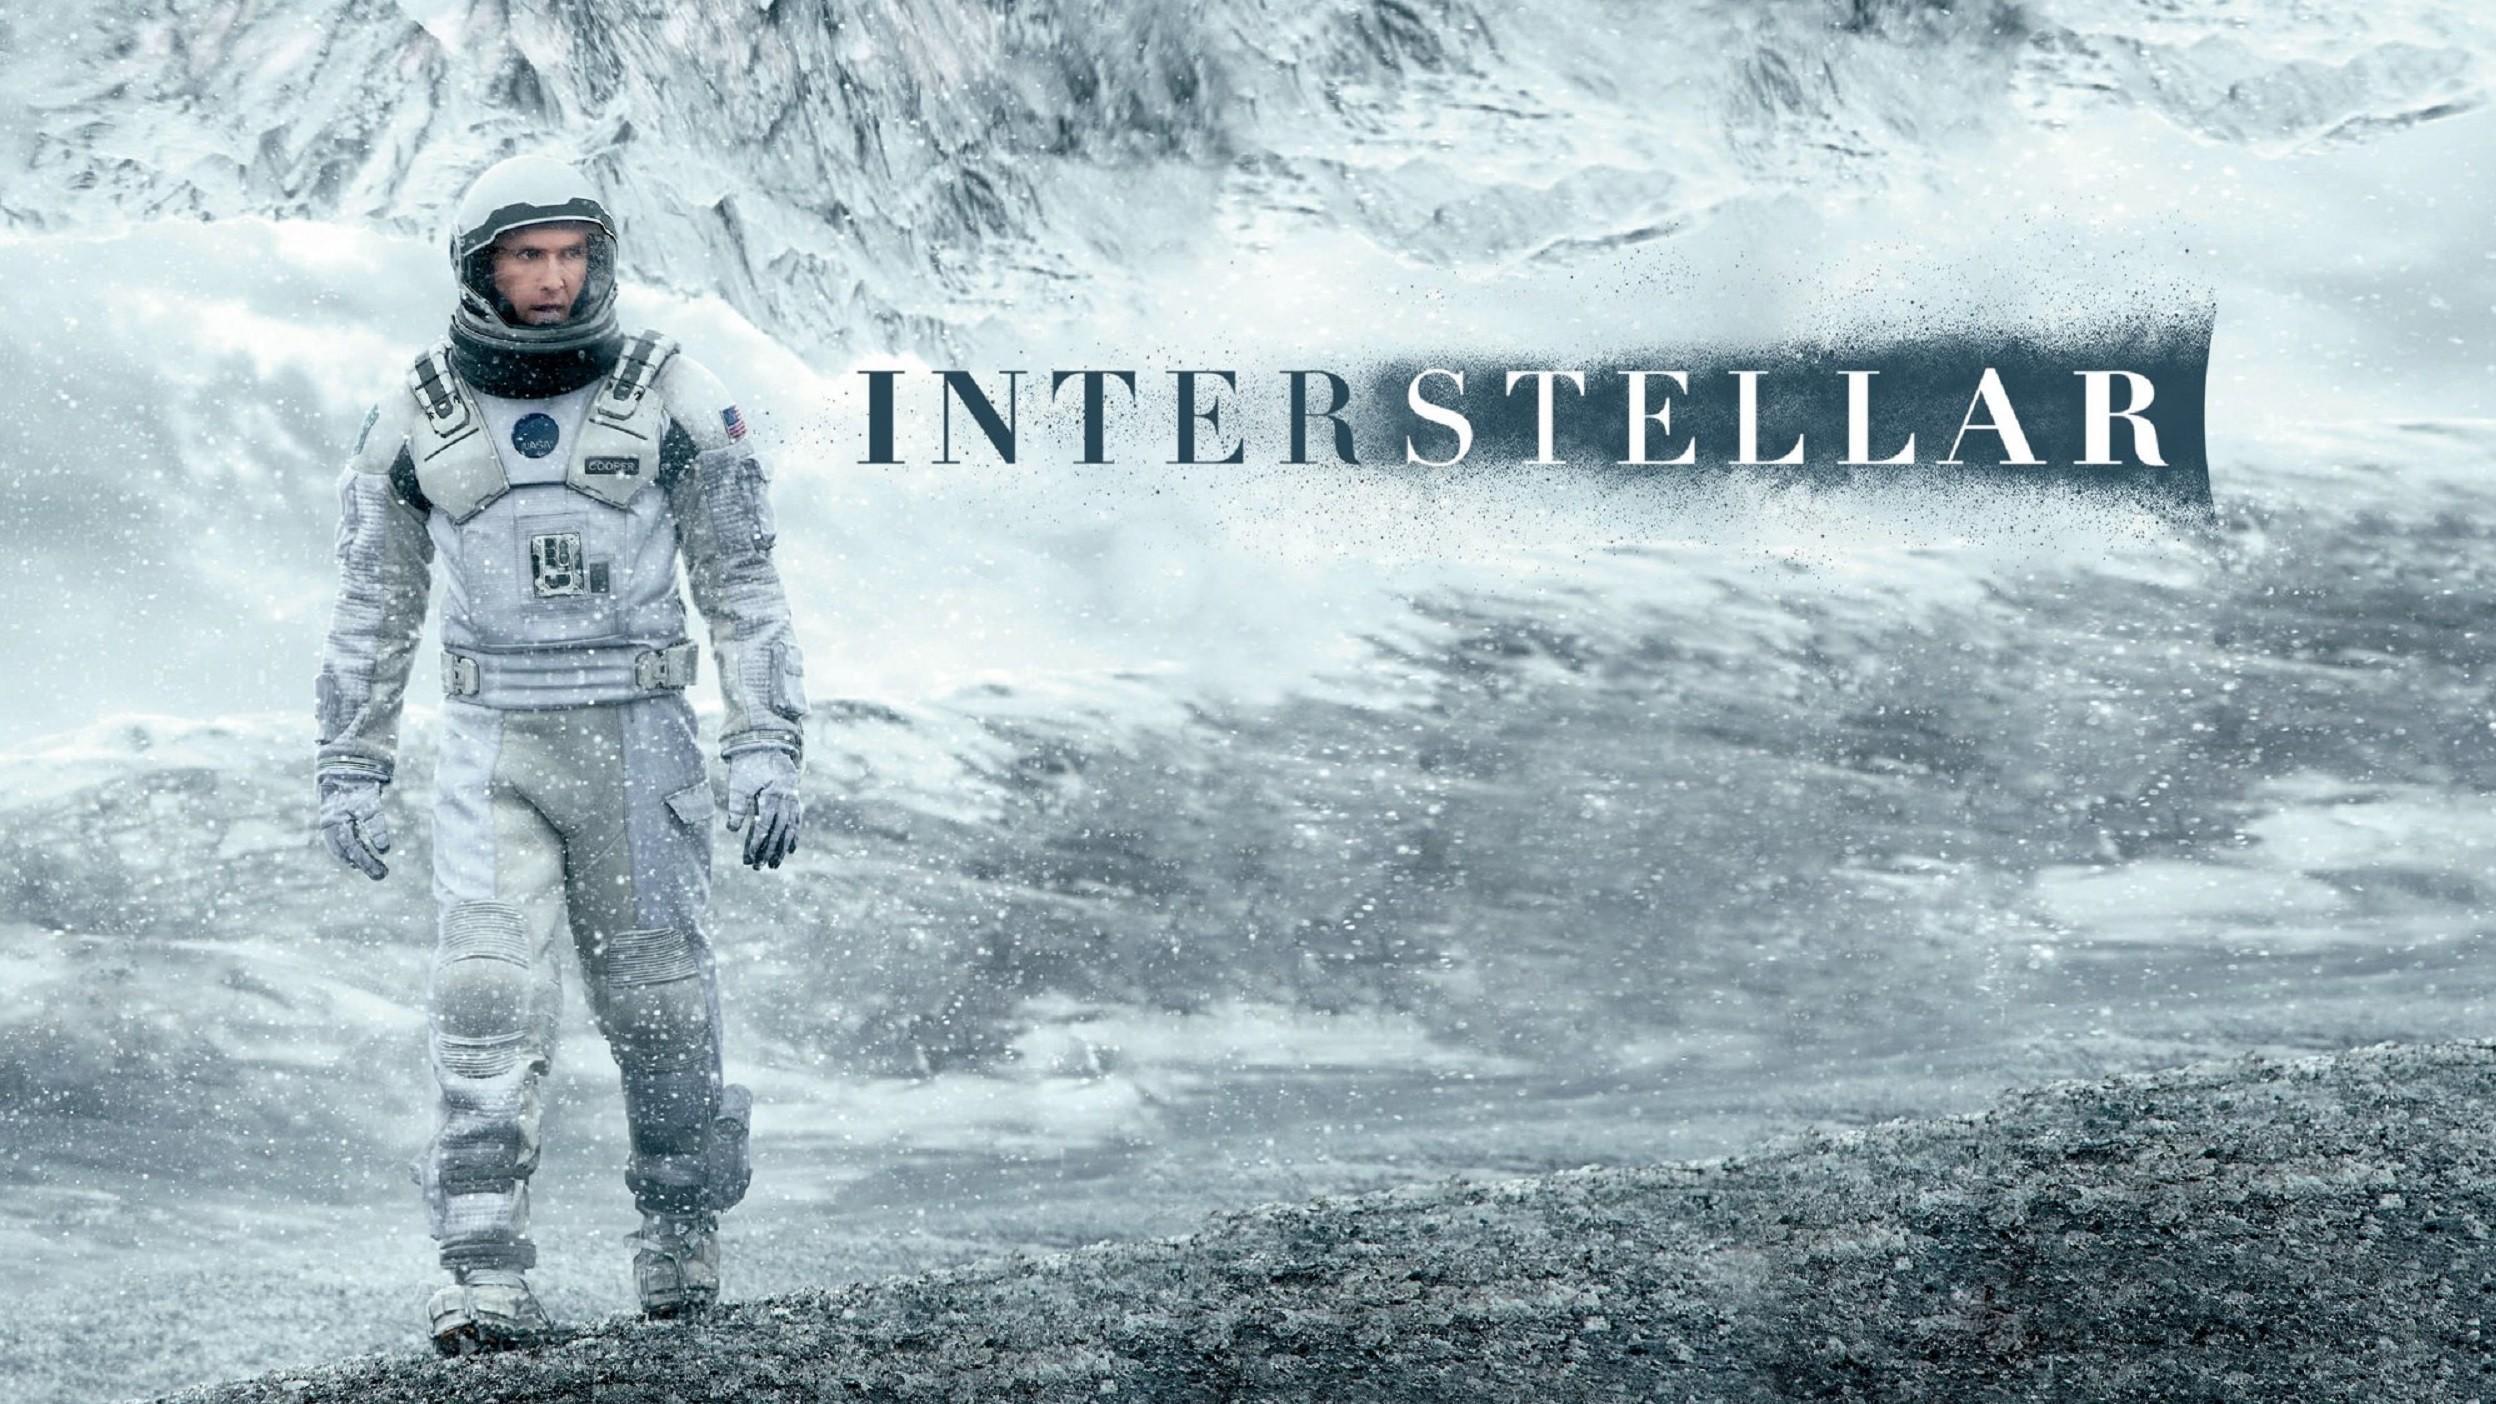 Interstellar Stream Kkiste